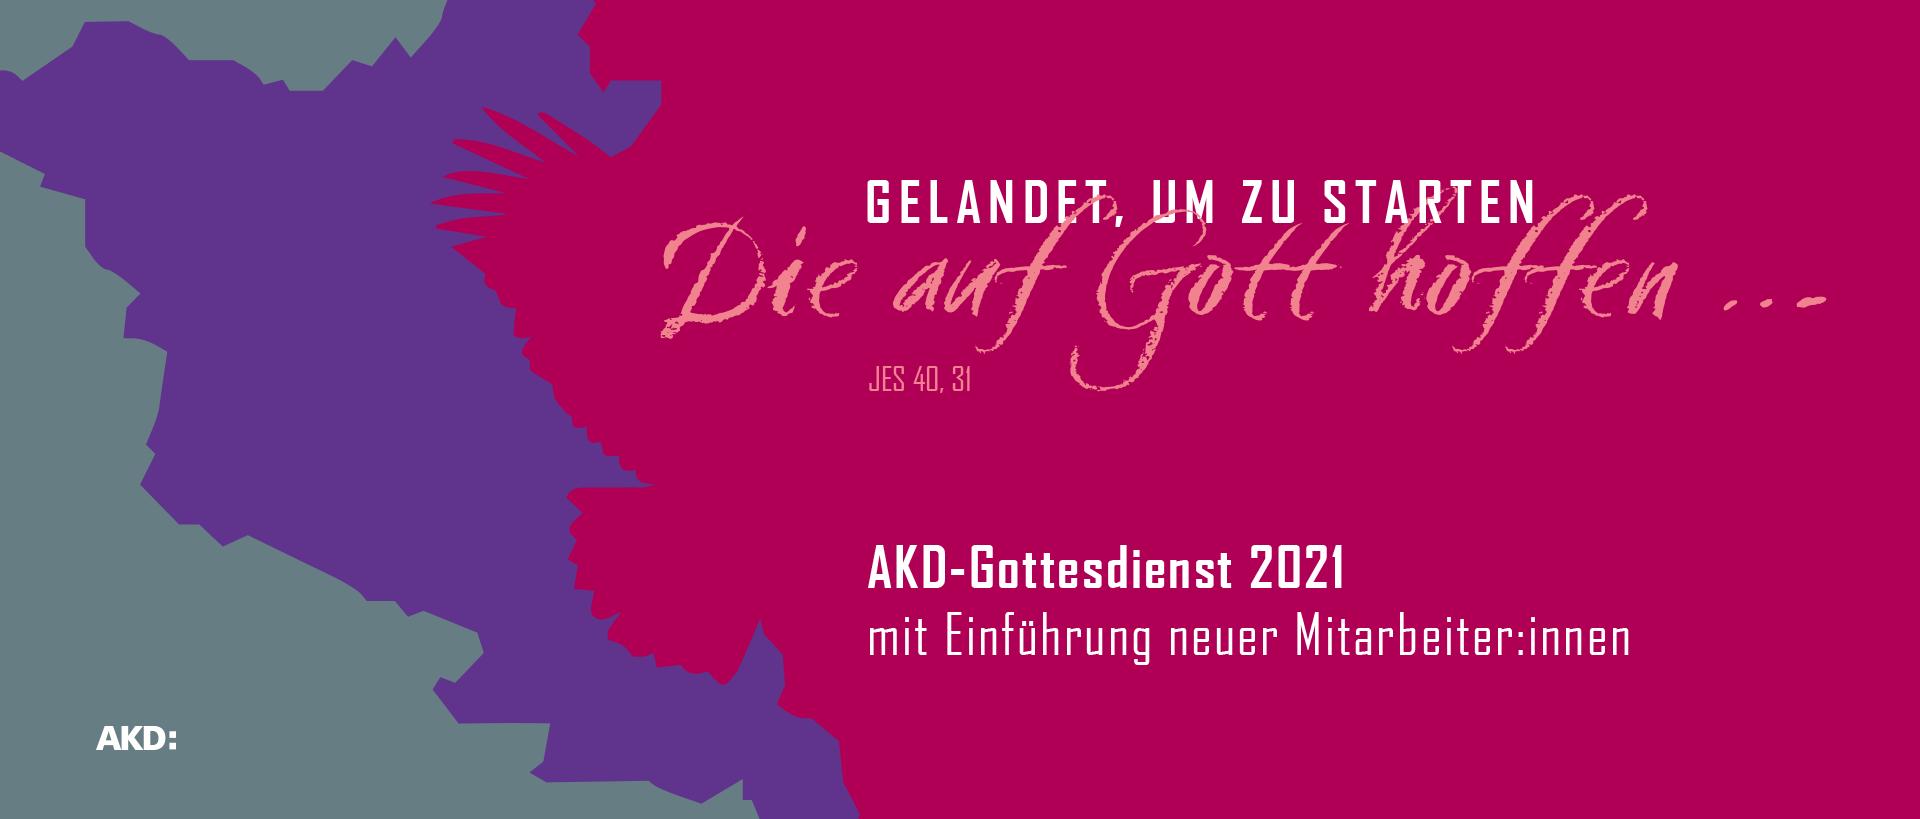 AKD-Gottesdienst 2021 mit Einführung neuer Mitarbeiter:innen